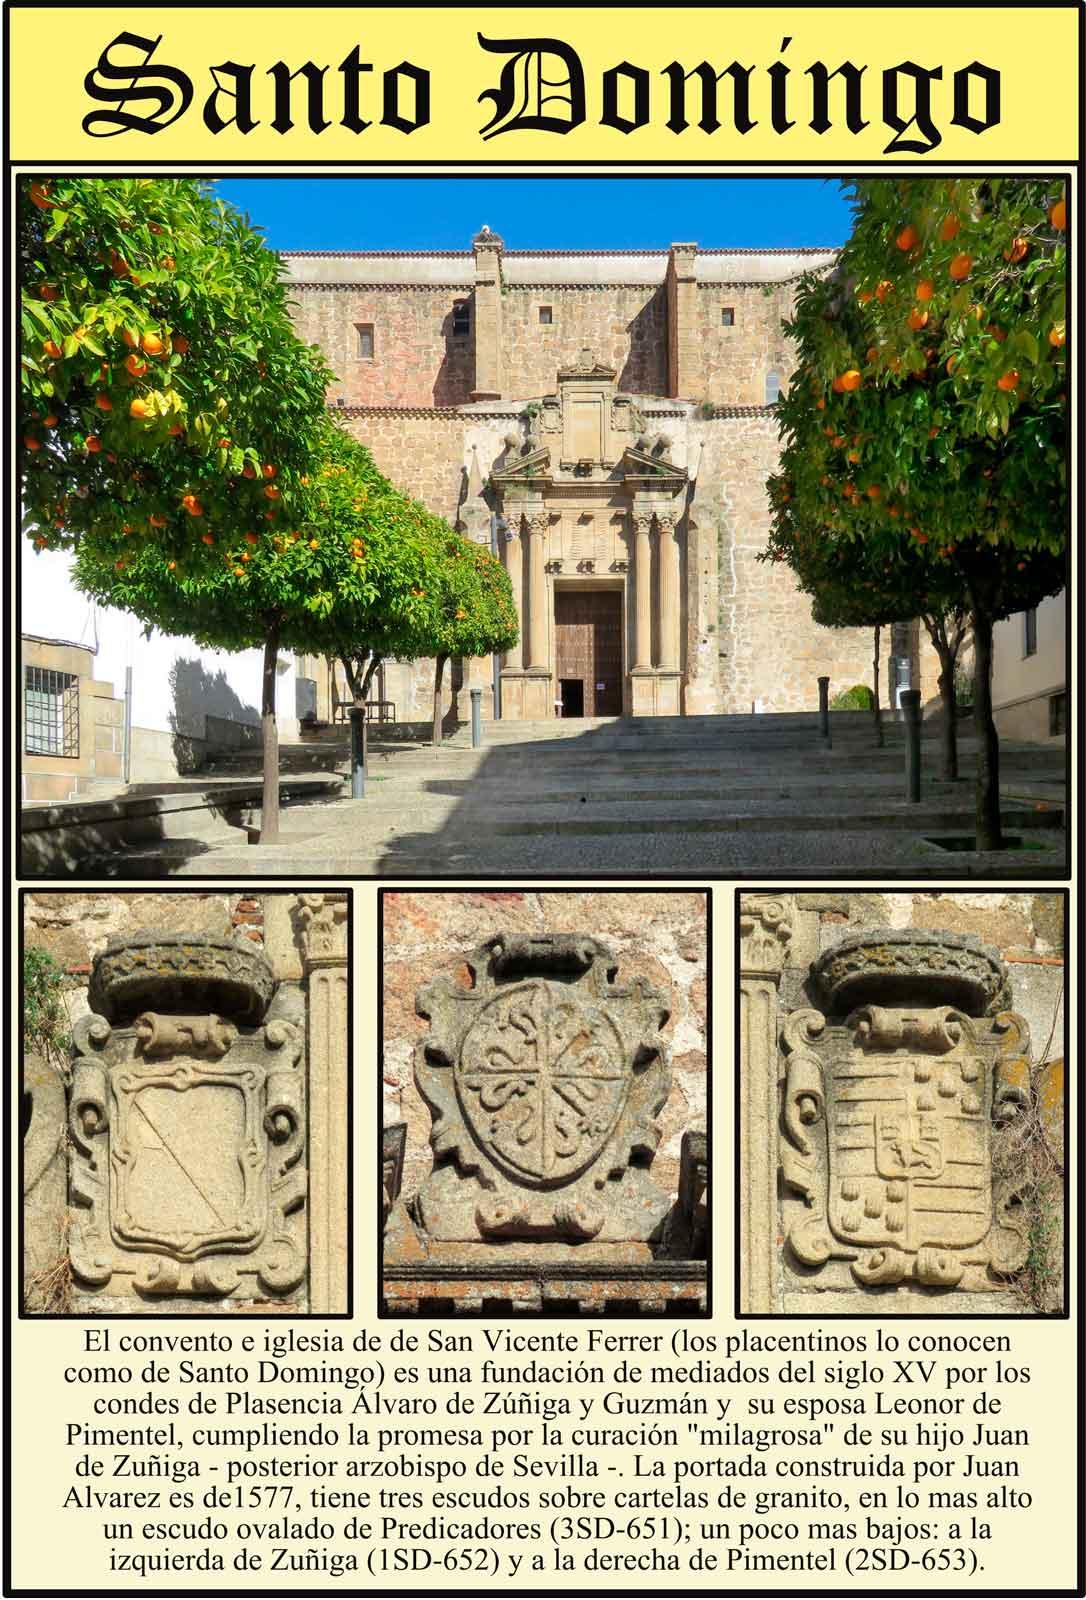 Escudos de la fachada de Santo Domingo Zuñiga Predicadores Pimentel